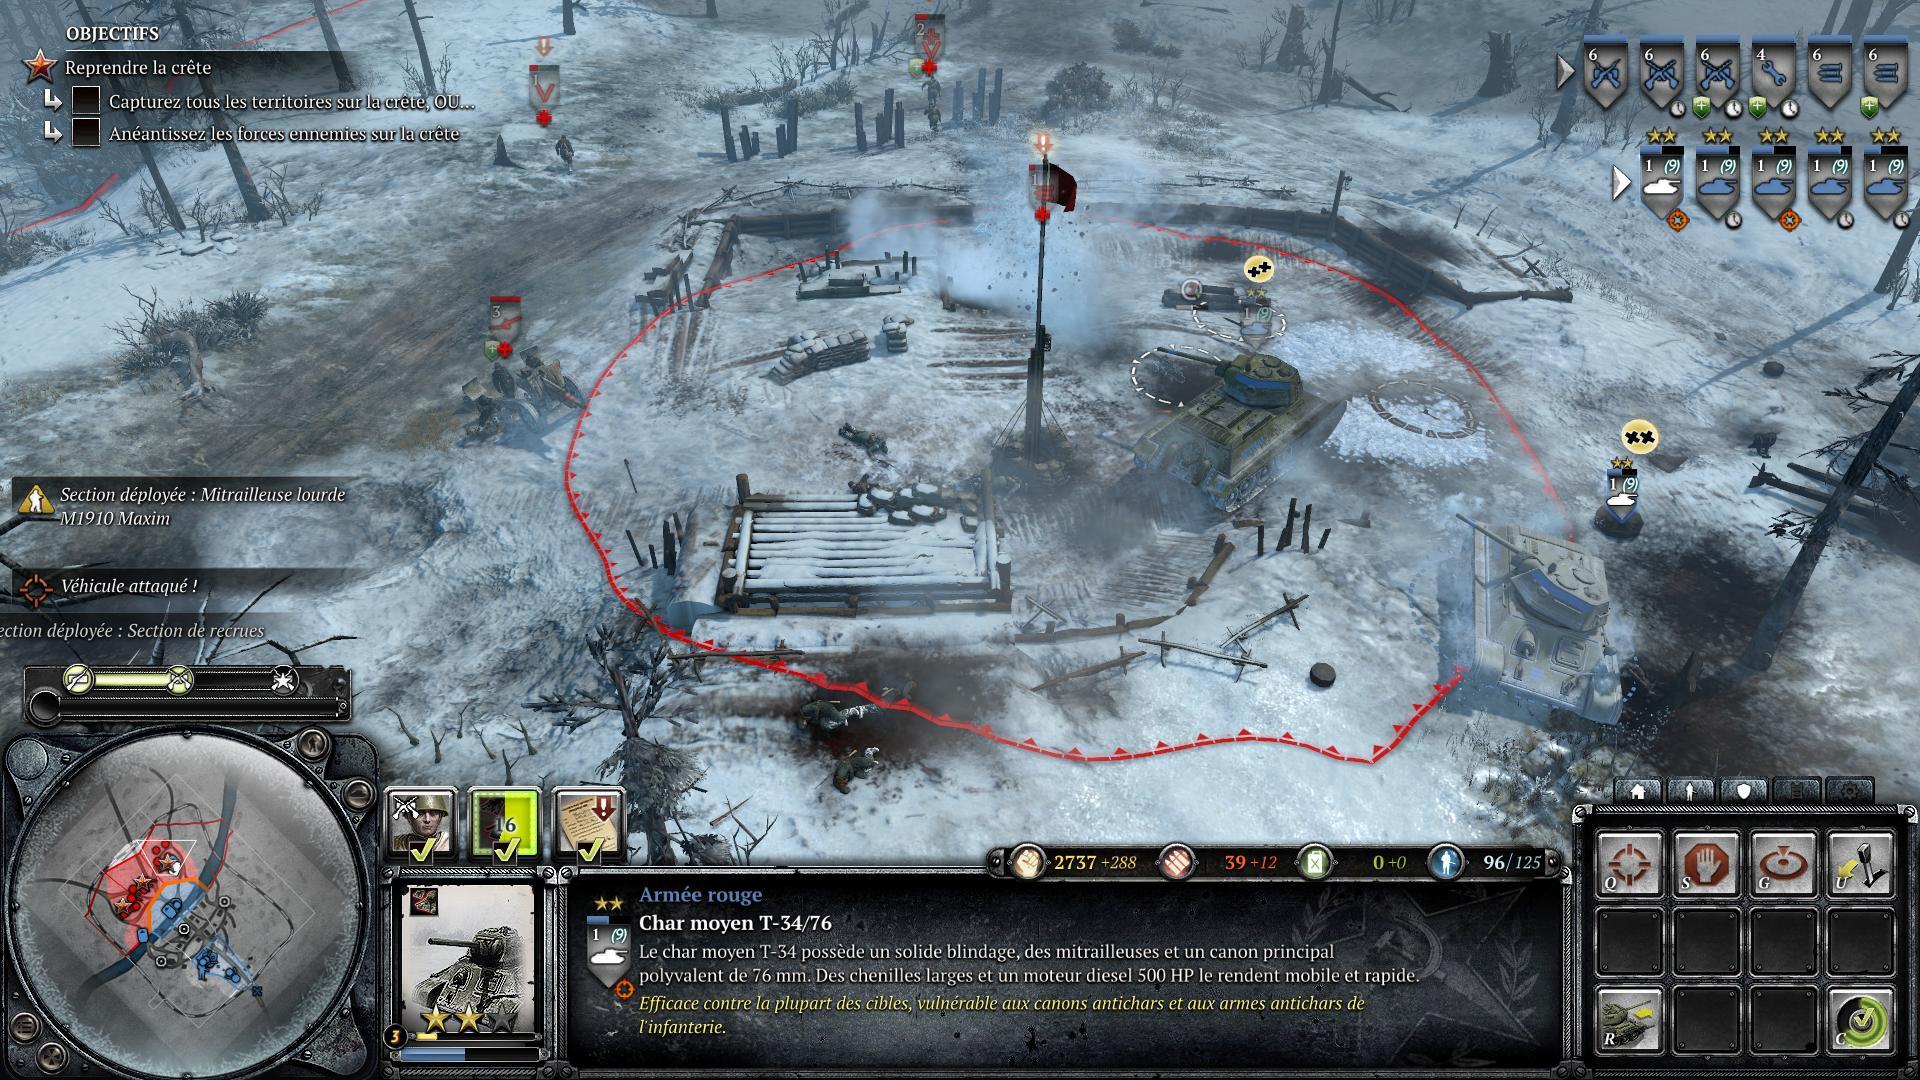 Screenshots capture d 39 ecran pour company of heroes 2 pc for Screenshot ecran